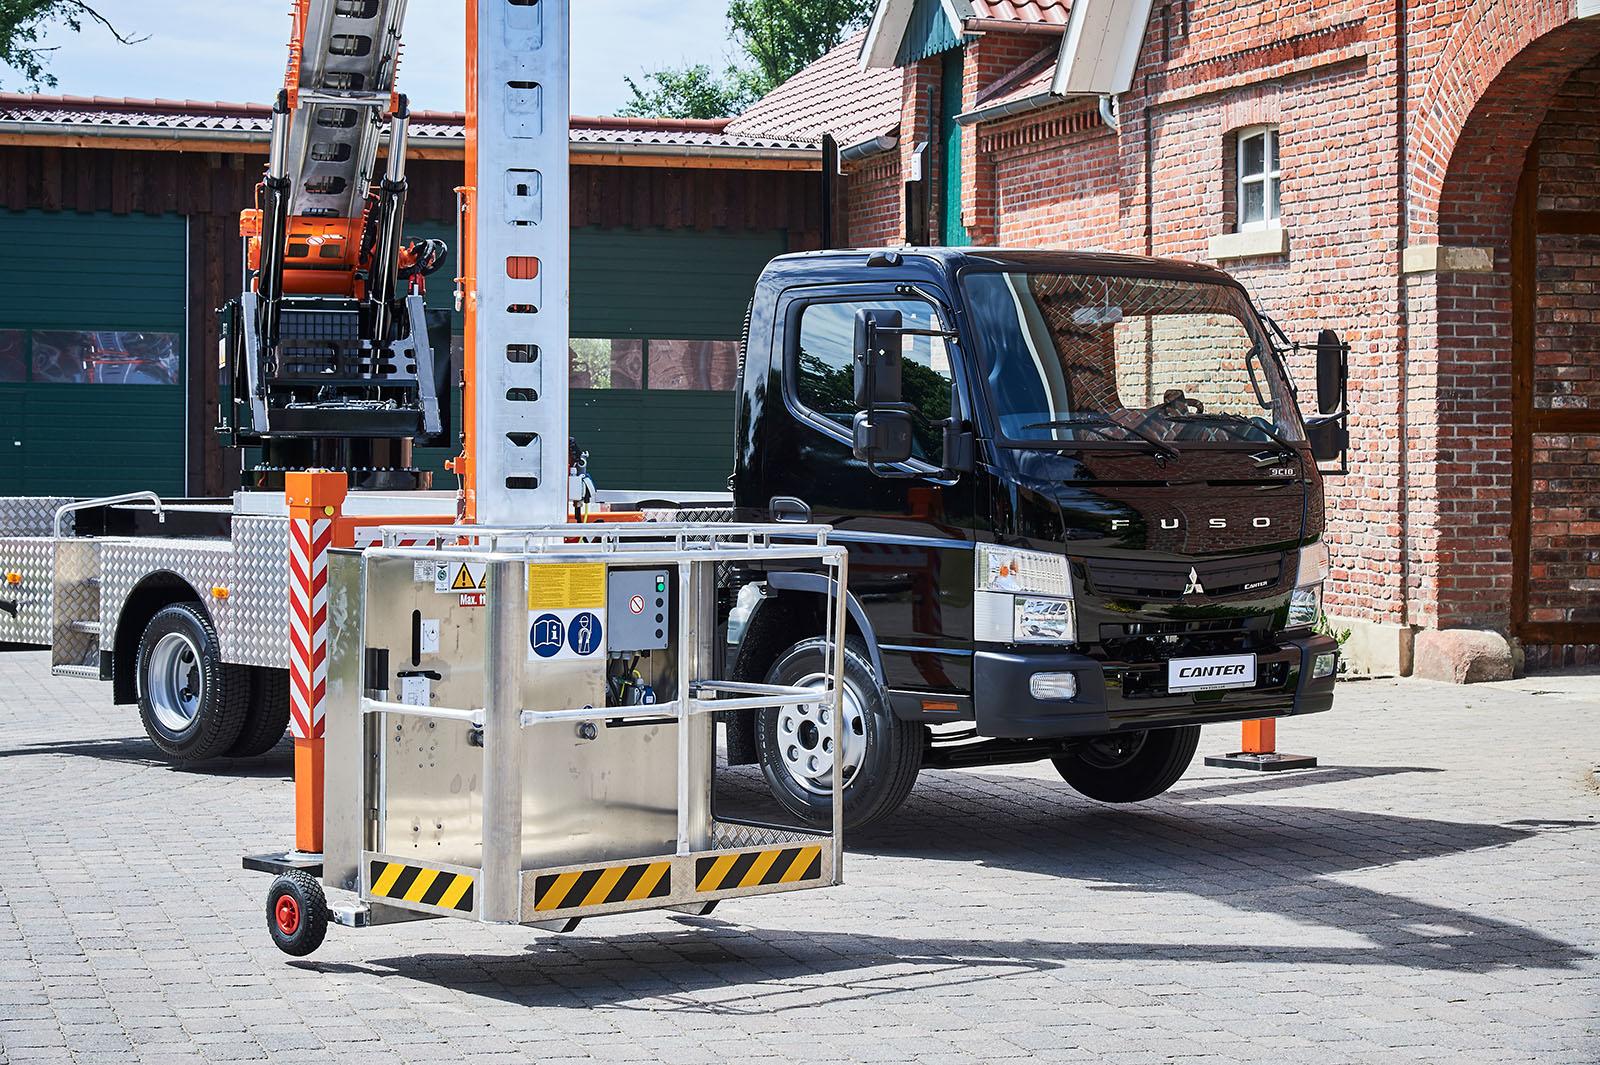 Klaas Kranbiler fra 27 til 50 meter krokhøyde.